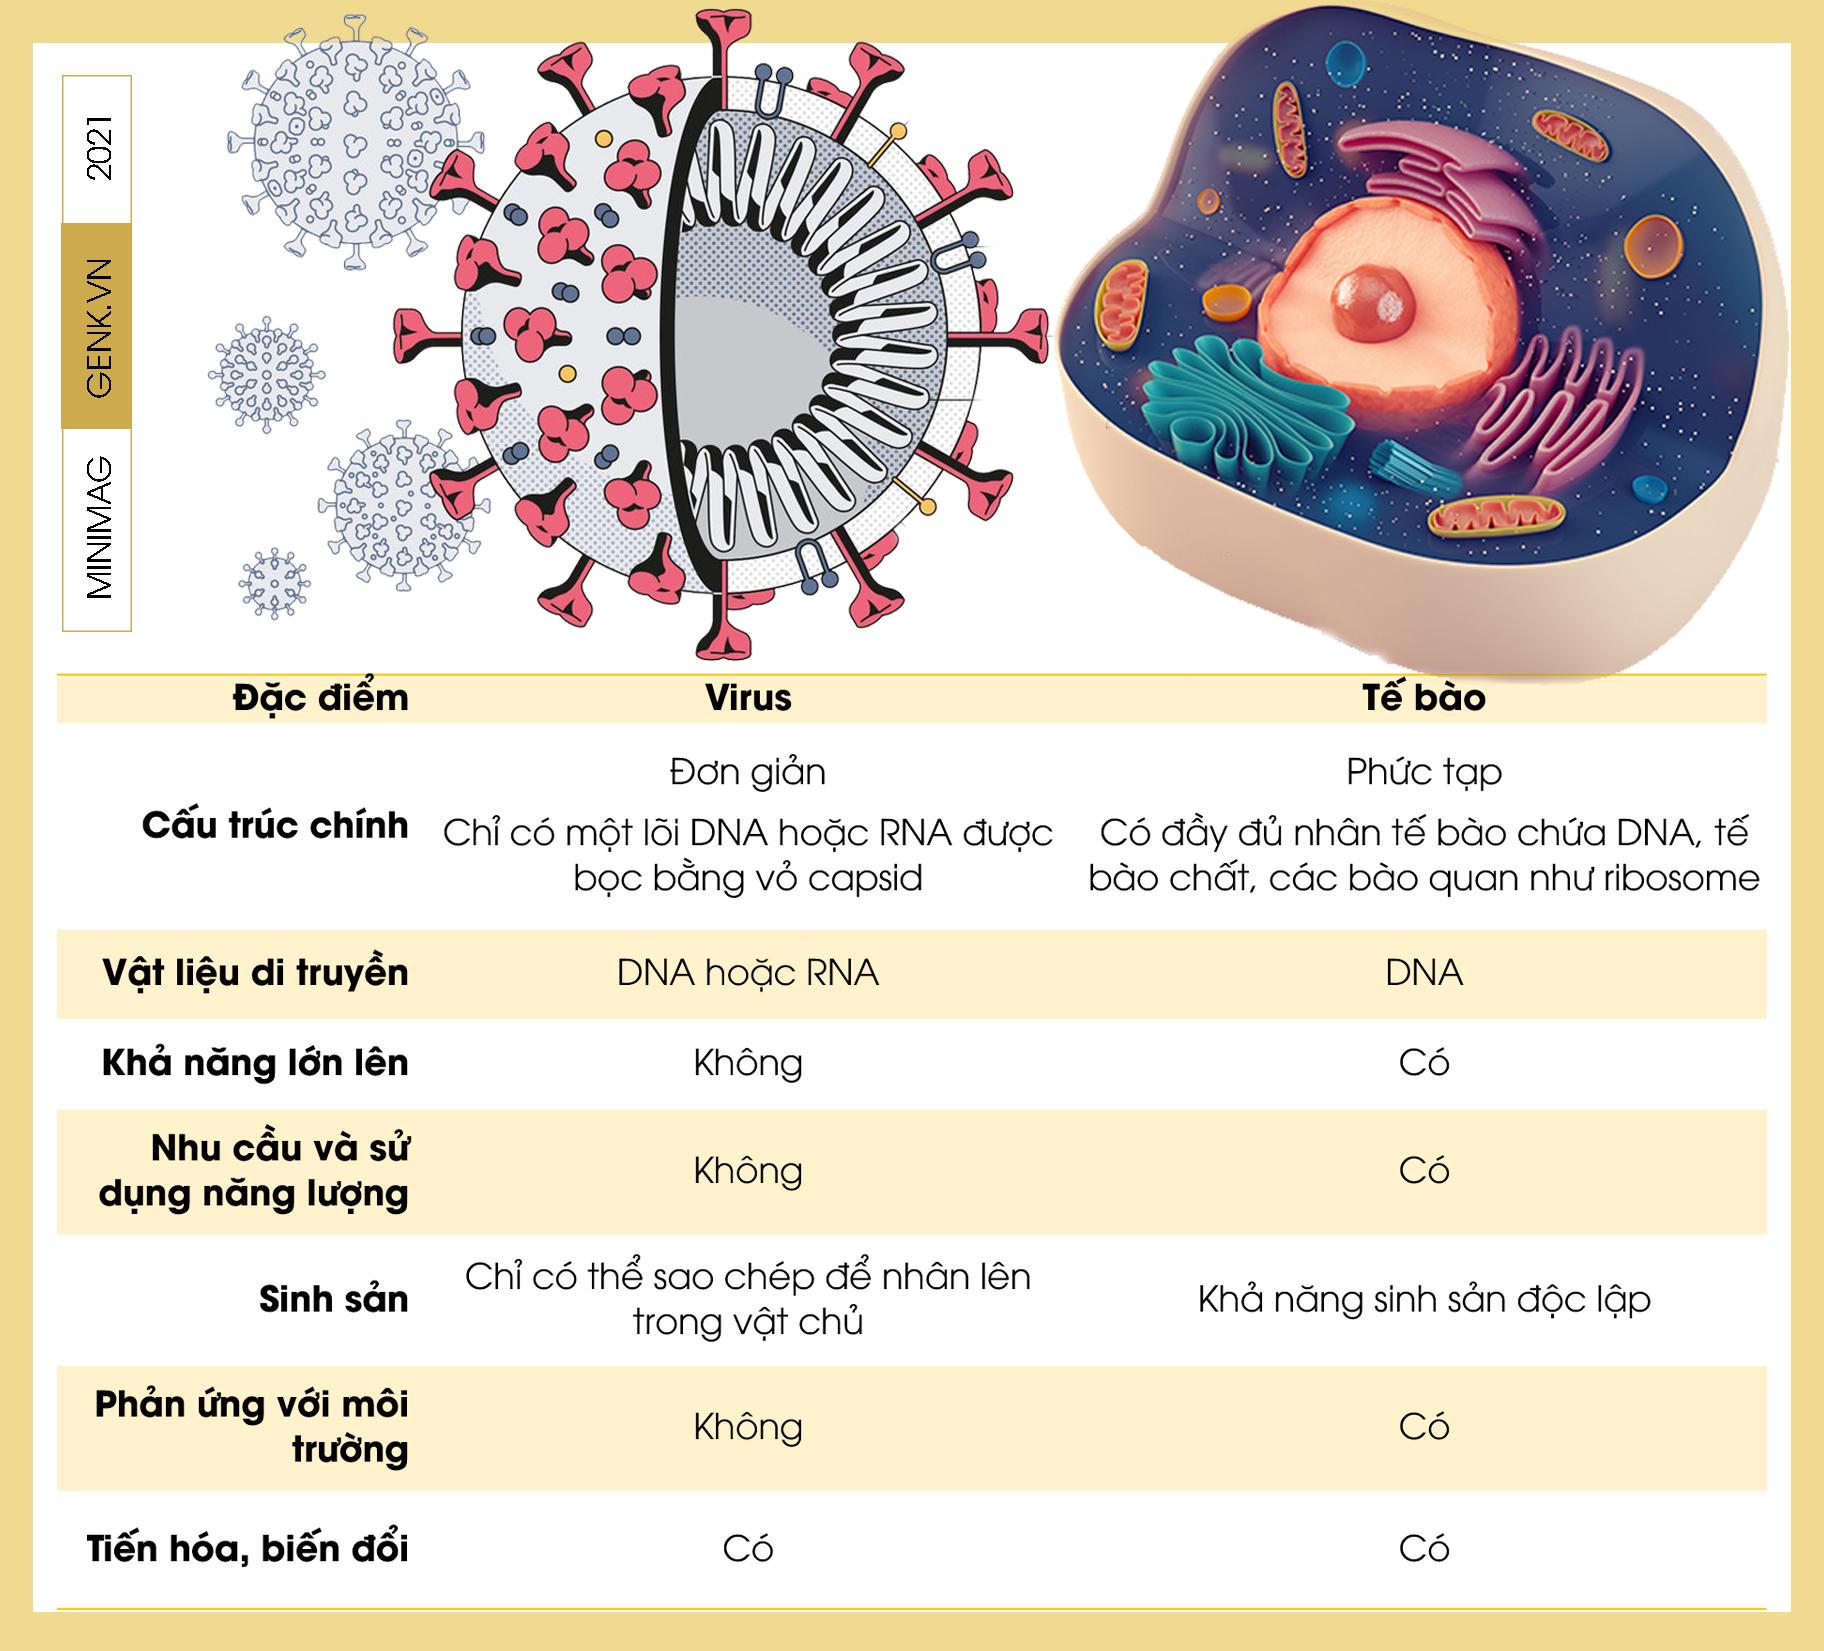 Một biên niên sử về virus: Từ những thiên thần của tiến hóa tới cơn ác mộng COVID-19 - Ảnh 3.